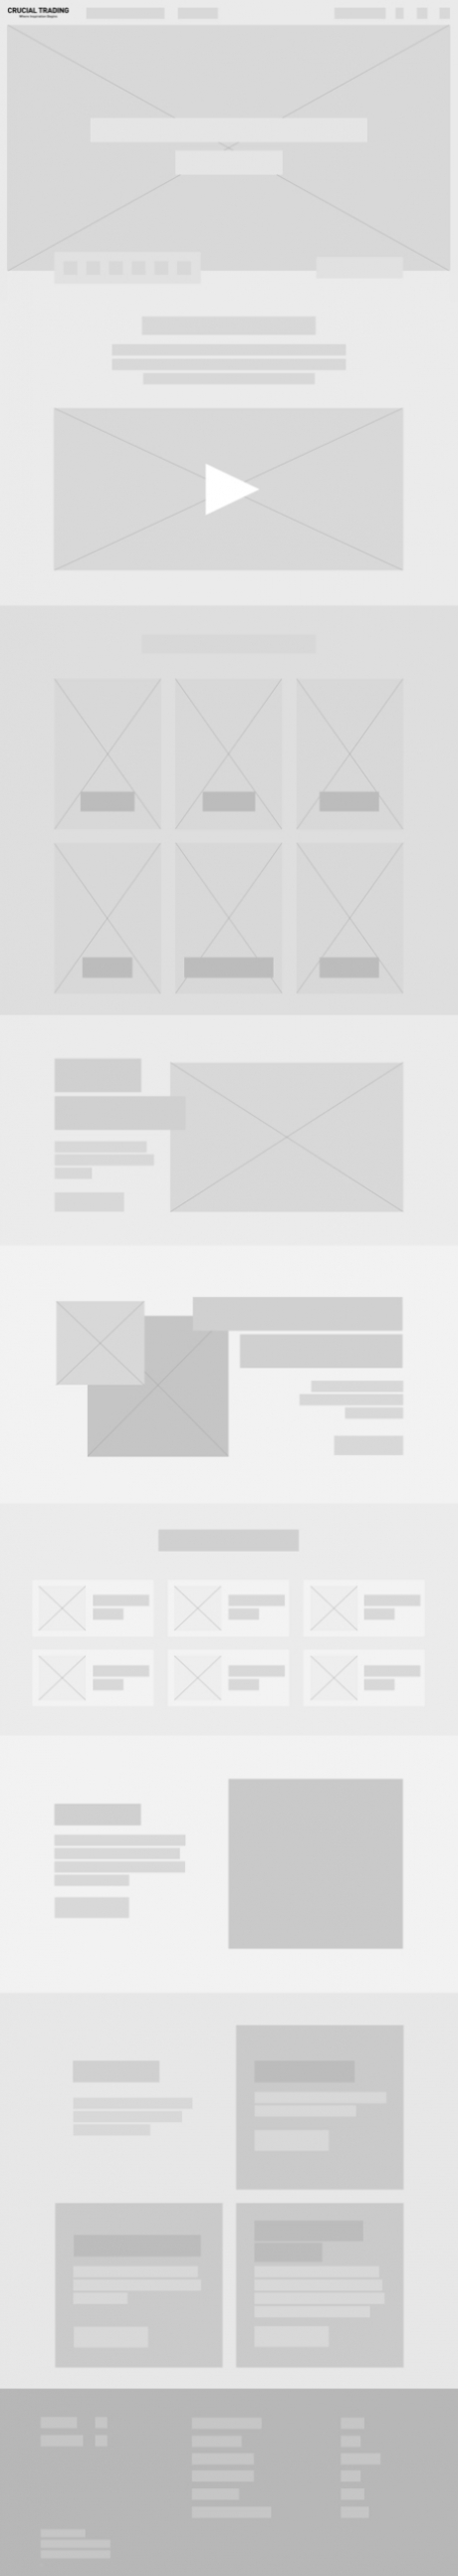 homepage-image-5-1.jpg